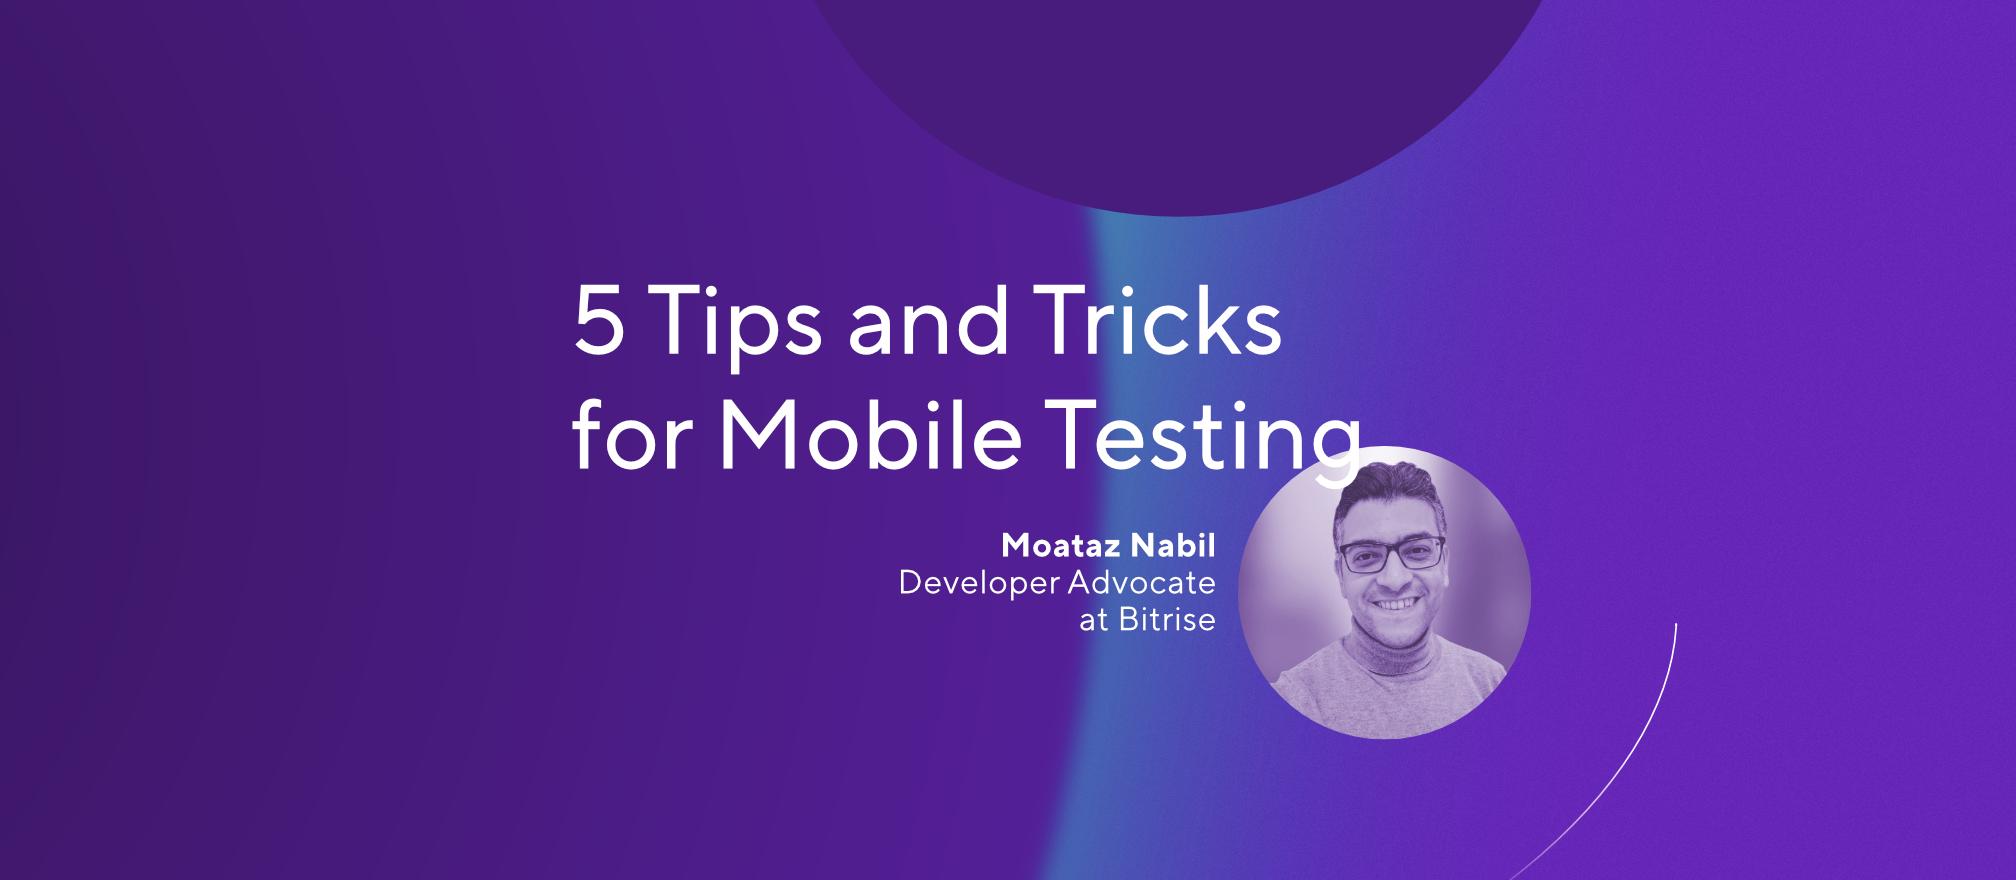 5 tips & tricks for mobile testing